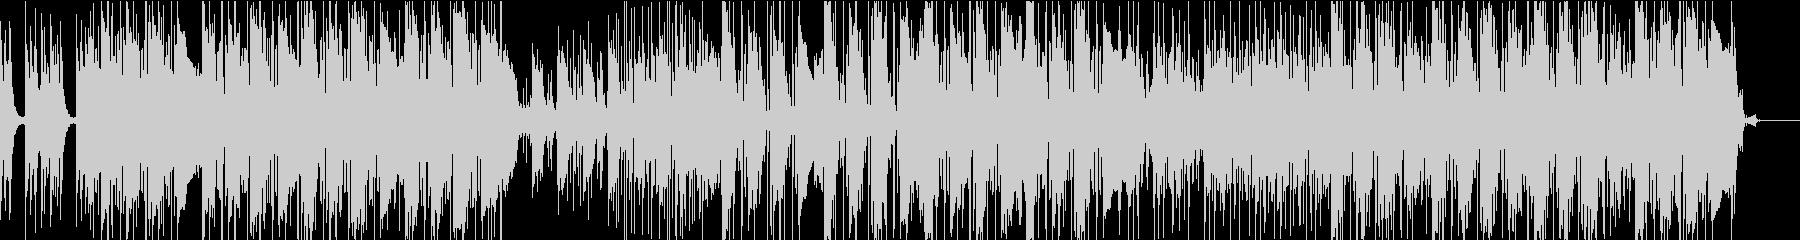 シンセでテンションの上がる曲の未再生の波形